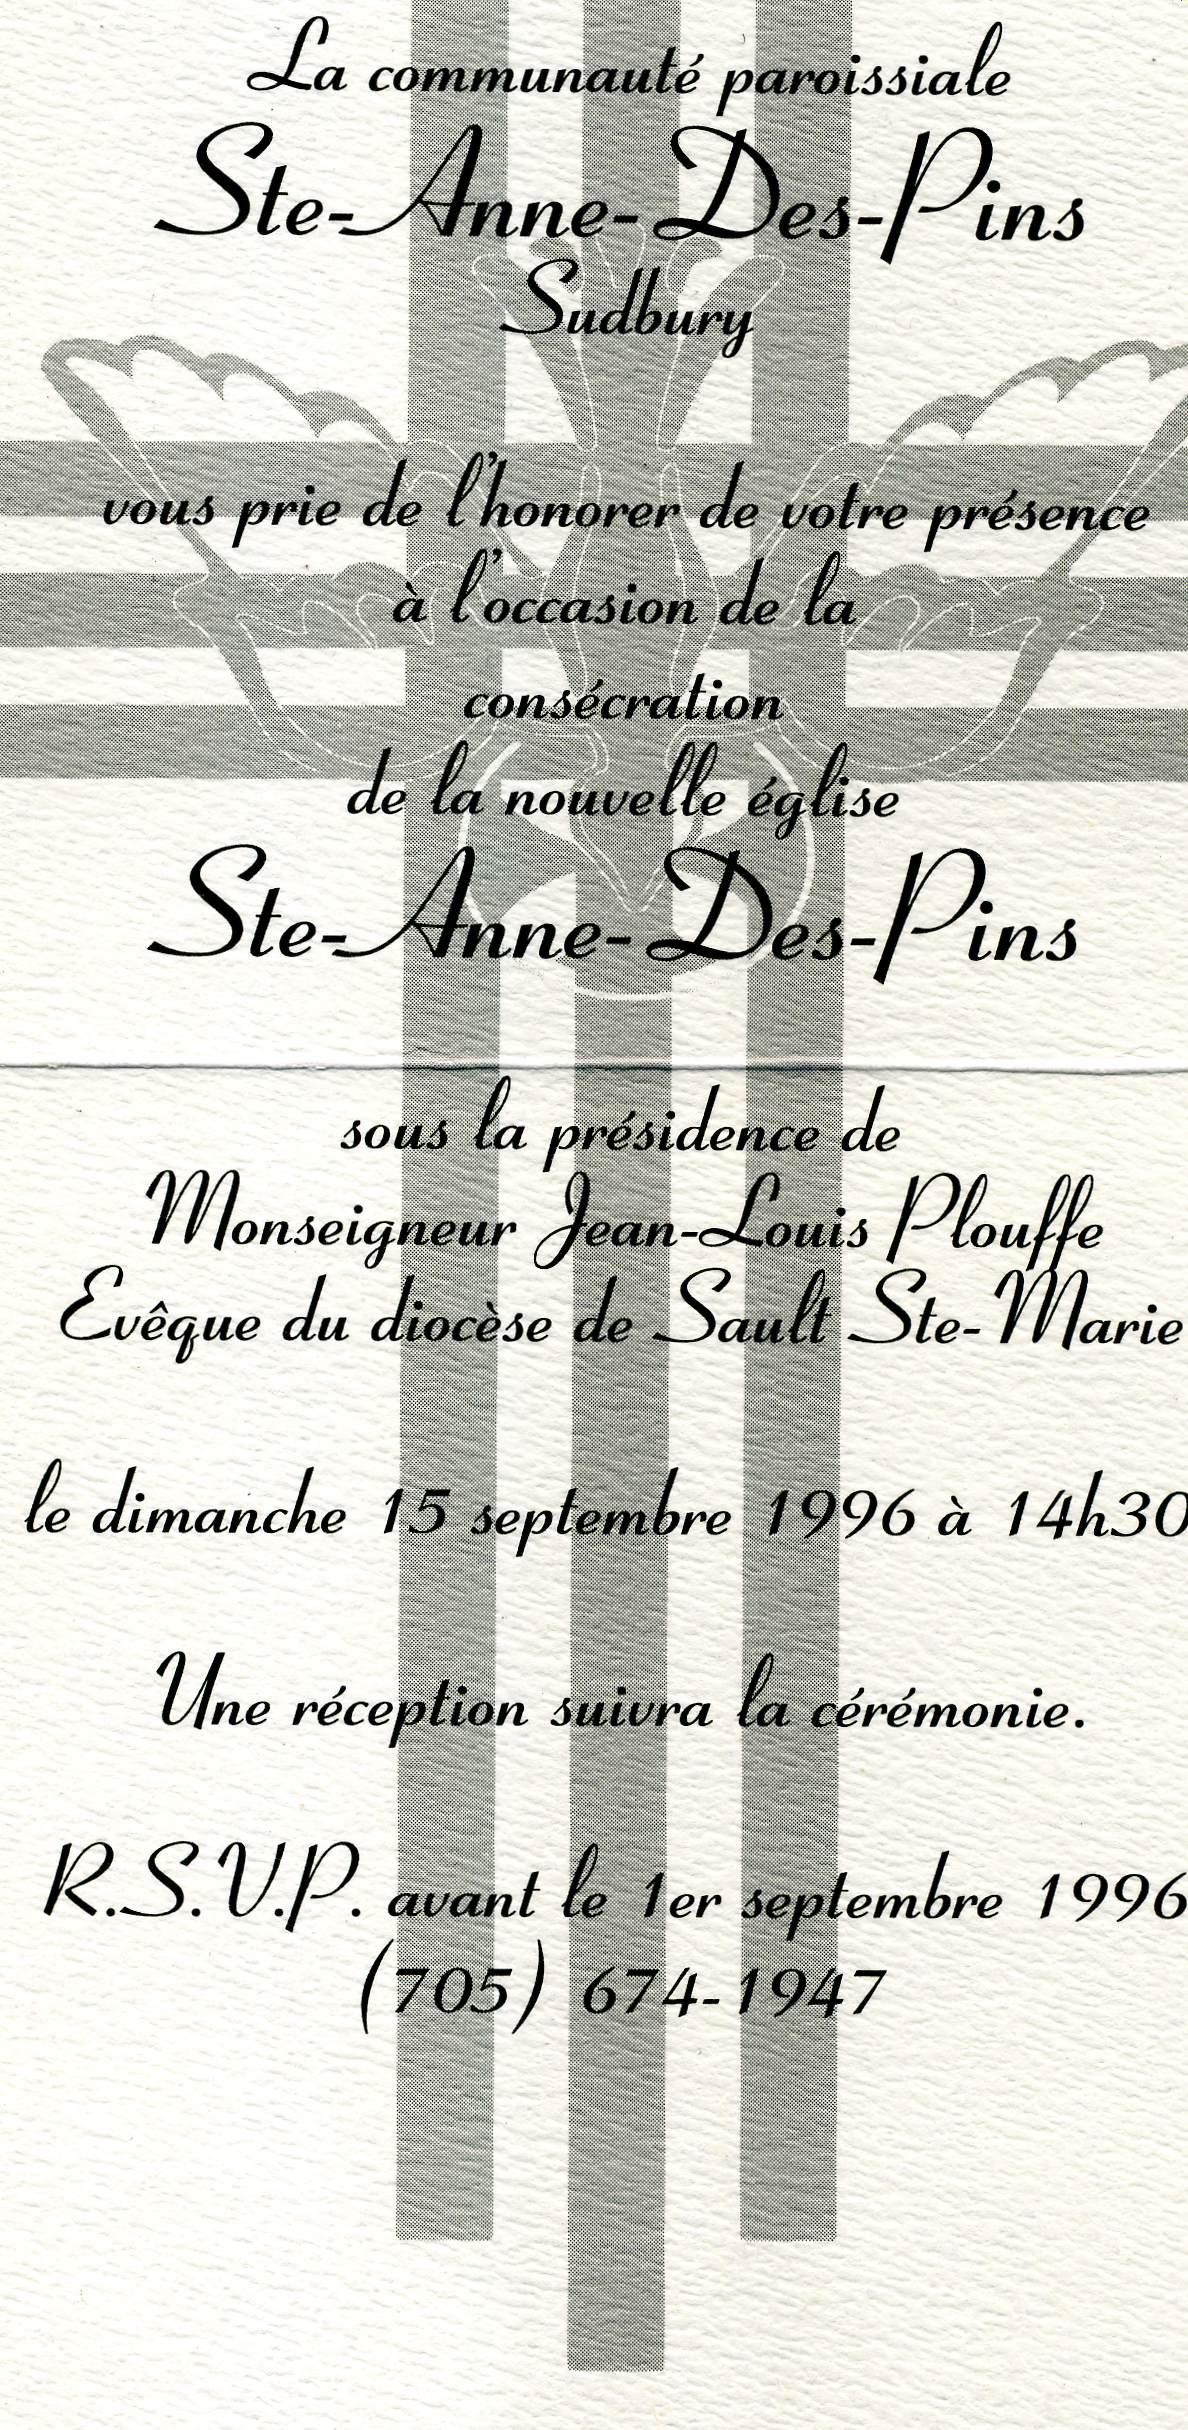 Invitation en 1996